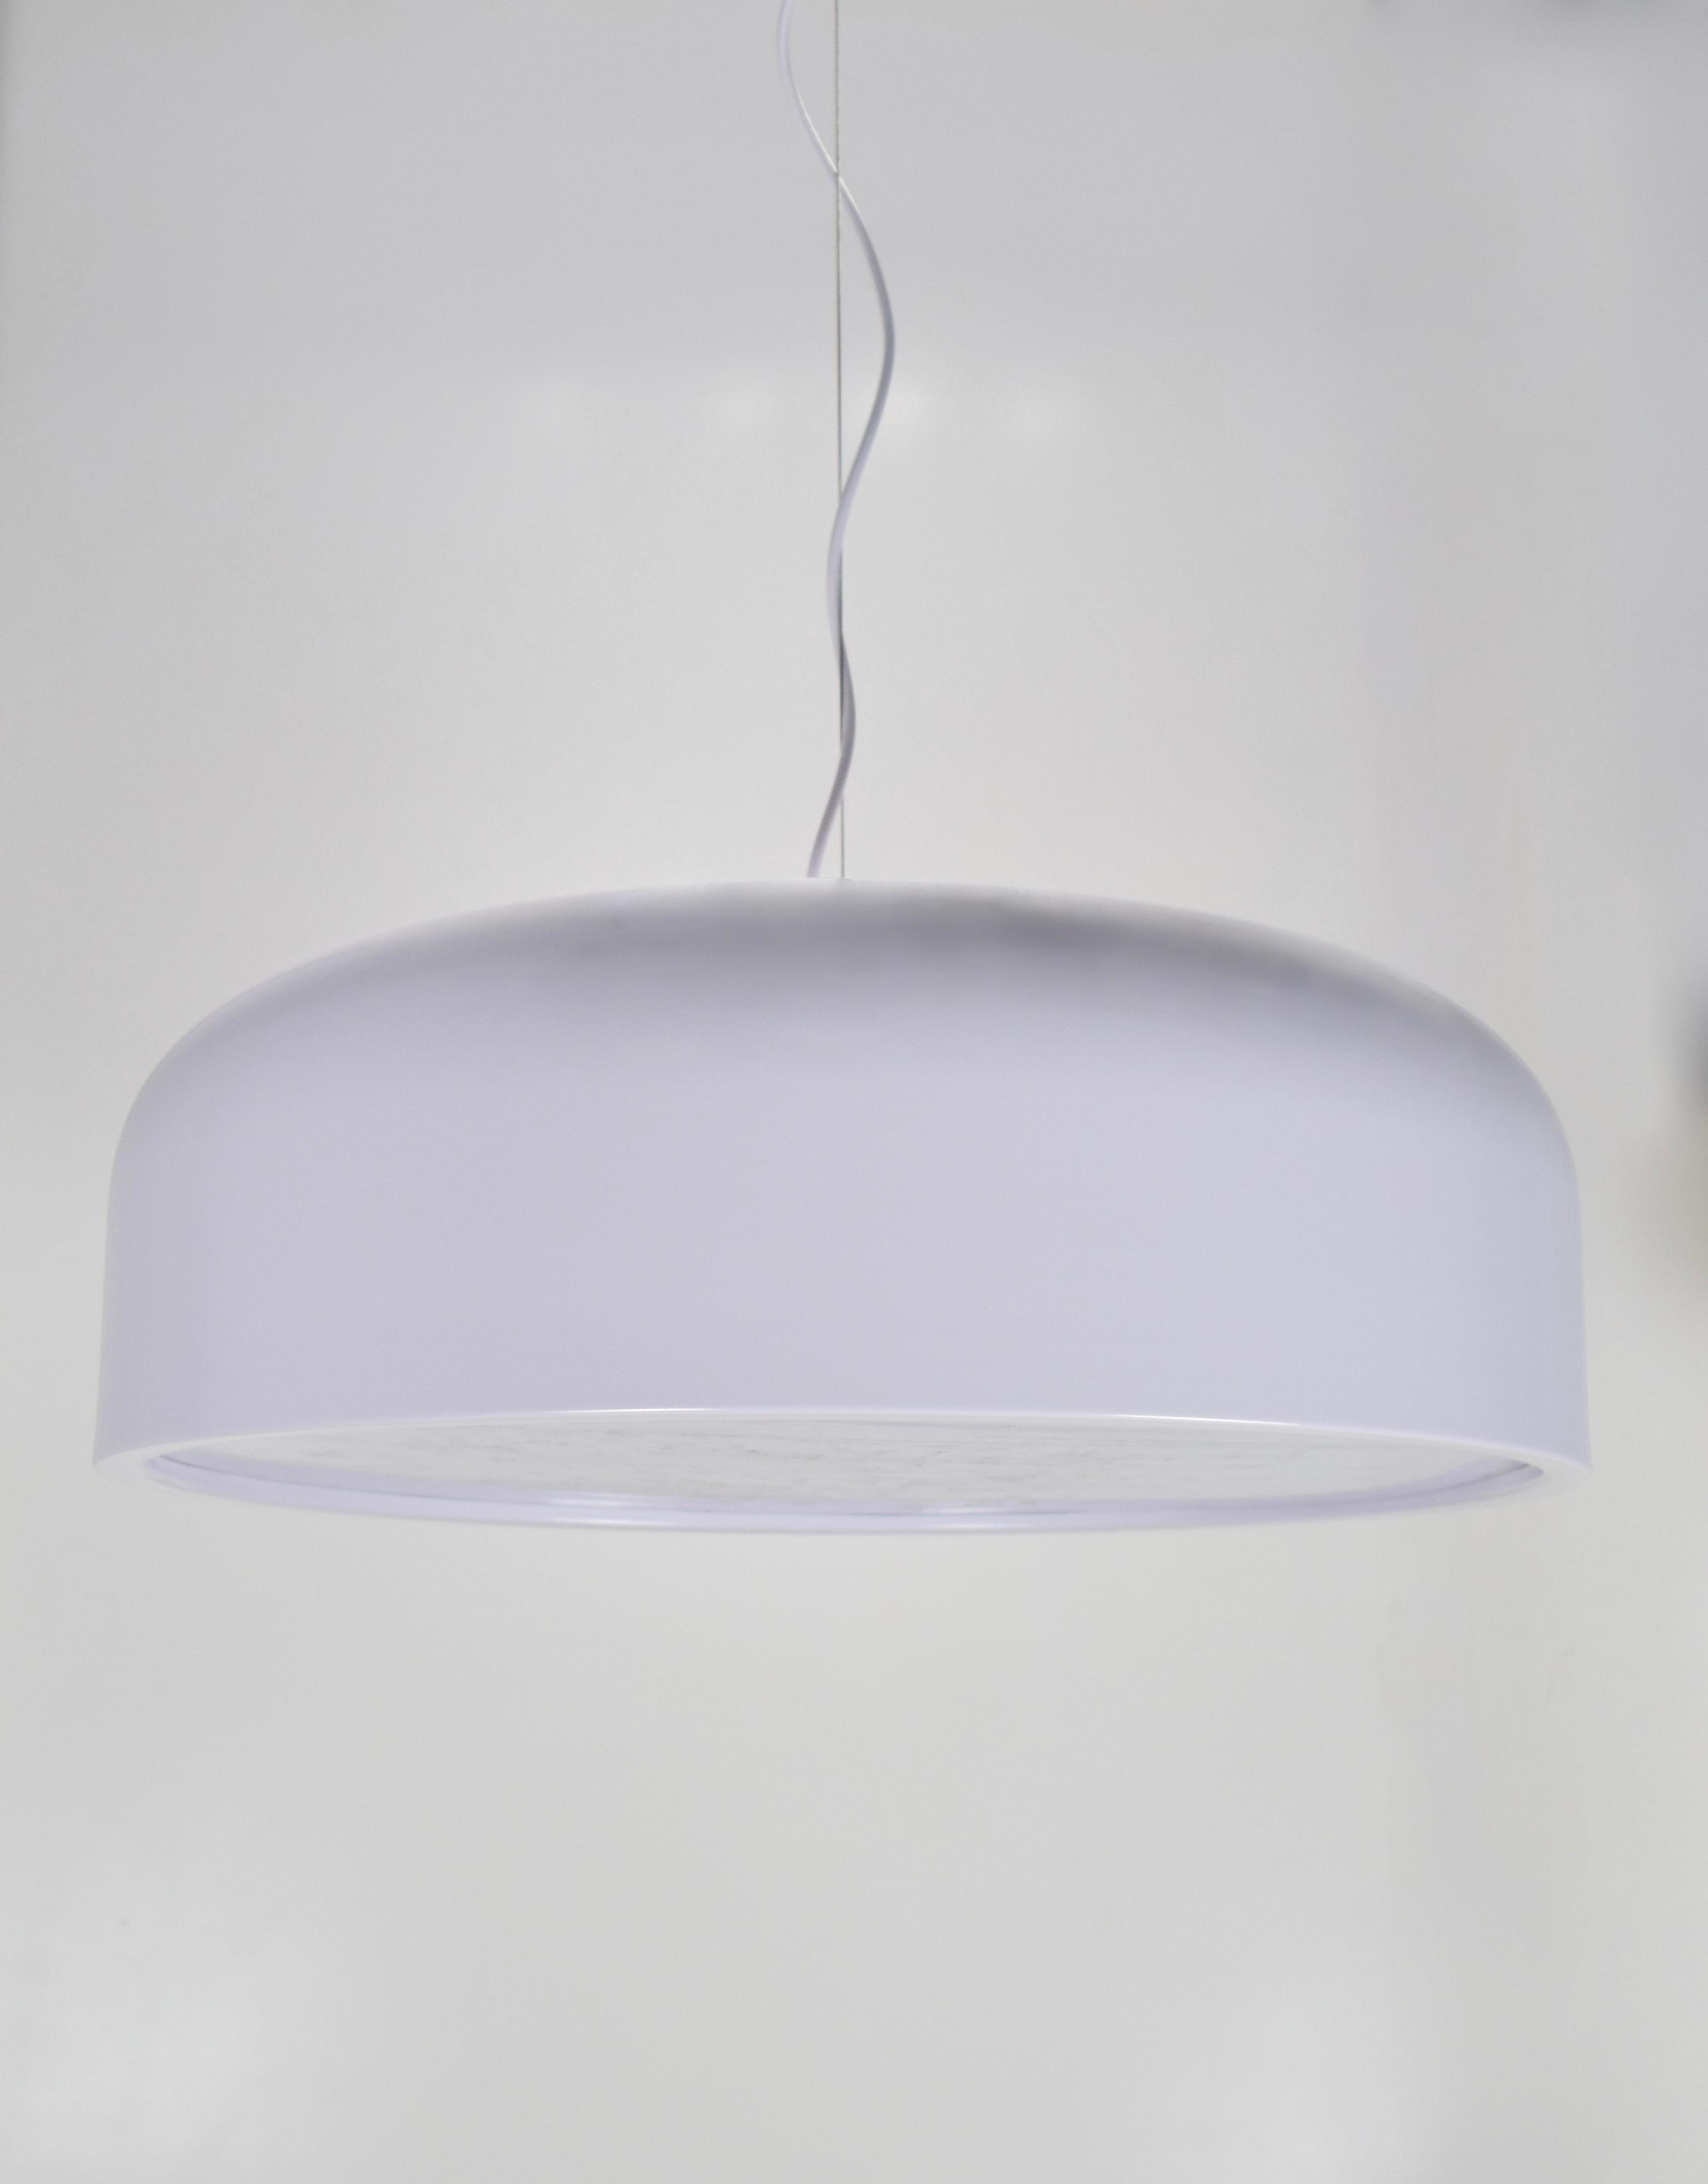 馬卡龍白色吊燈-BNL00128 1